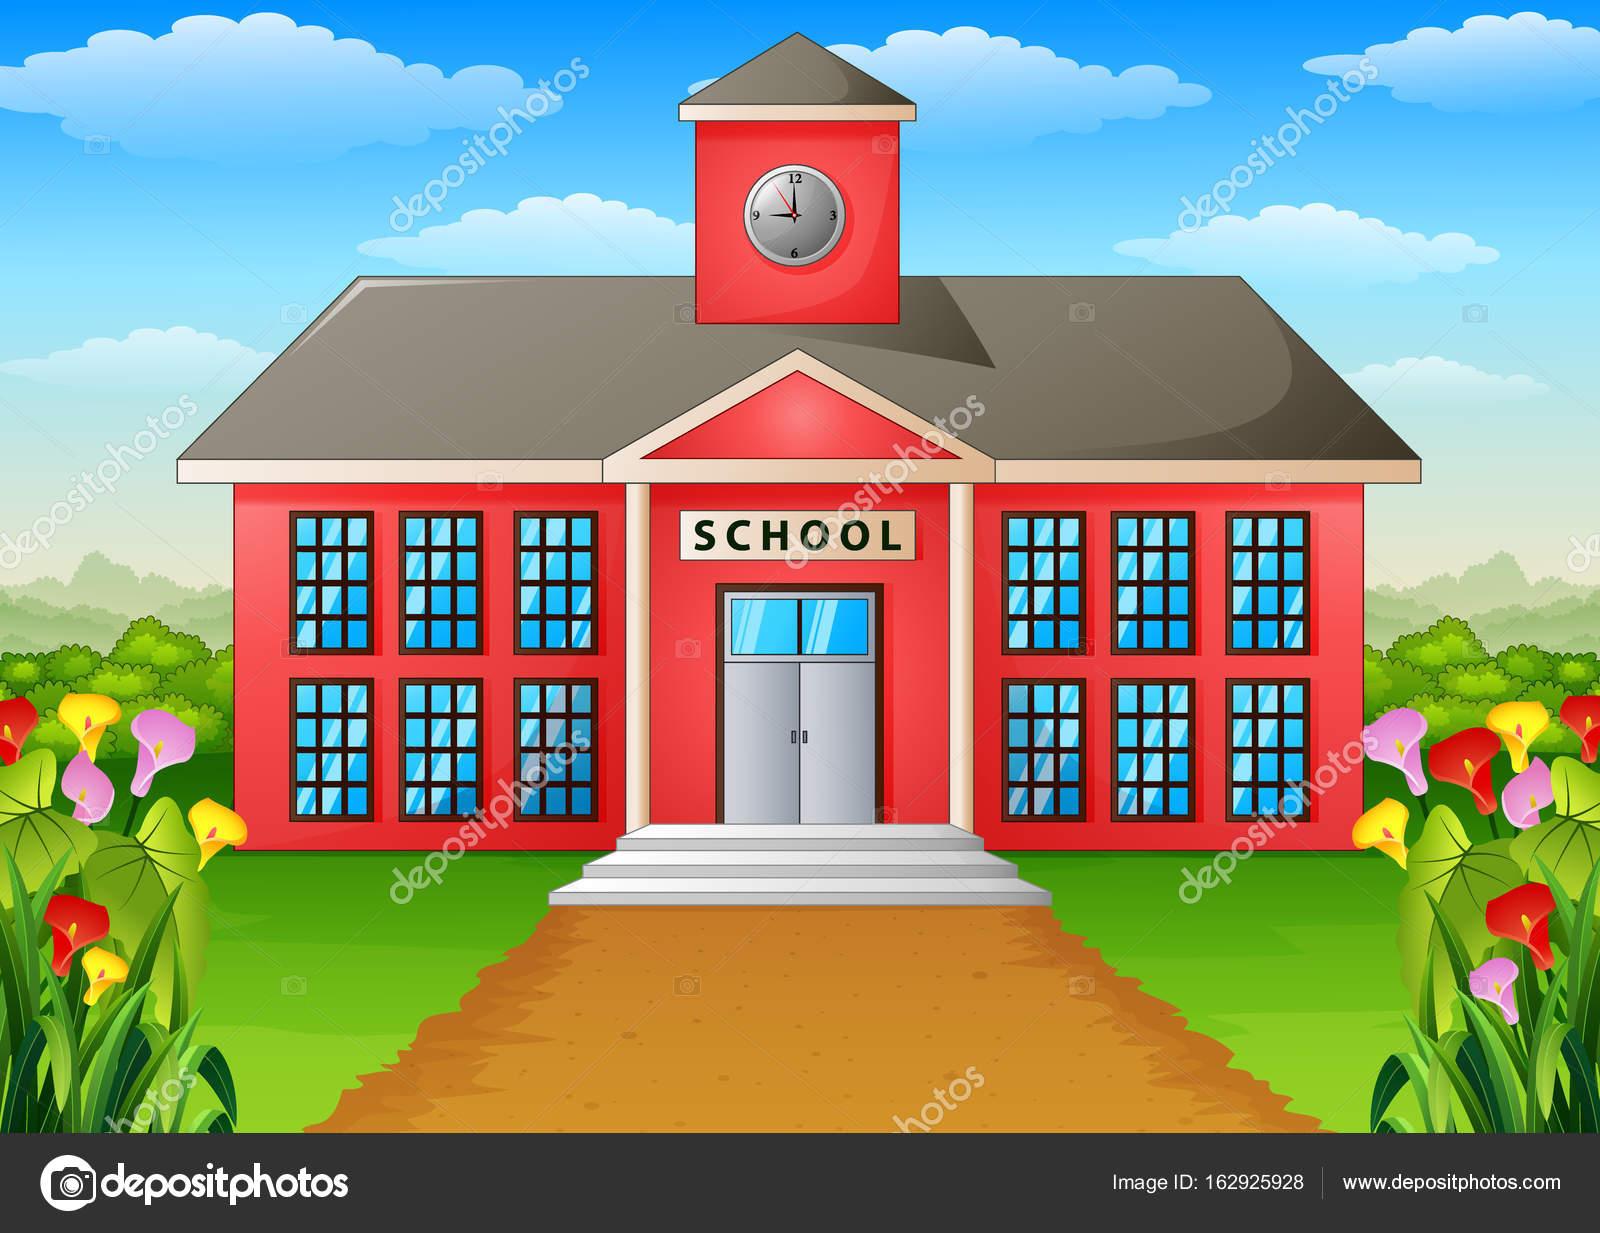 Imágenes: Animadas Sobre Escuelas